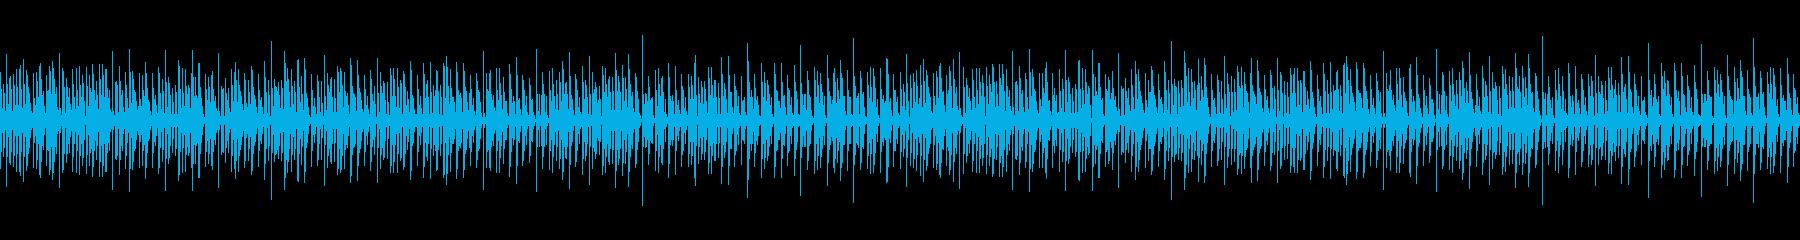 シンプルなこども向けピアノLoopの再生済みの波形